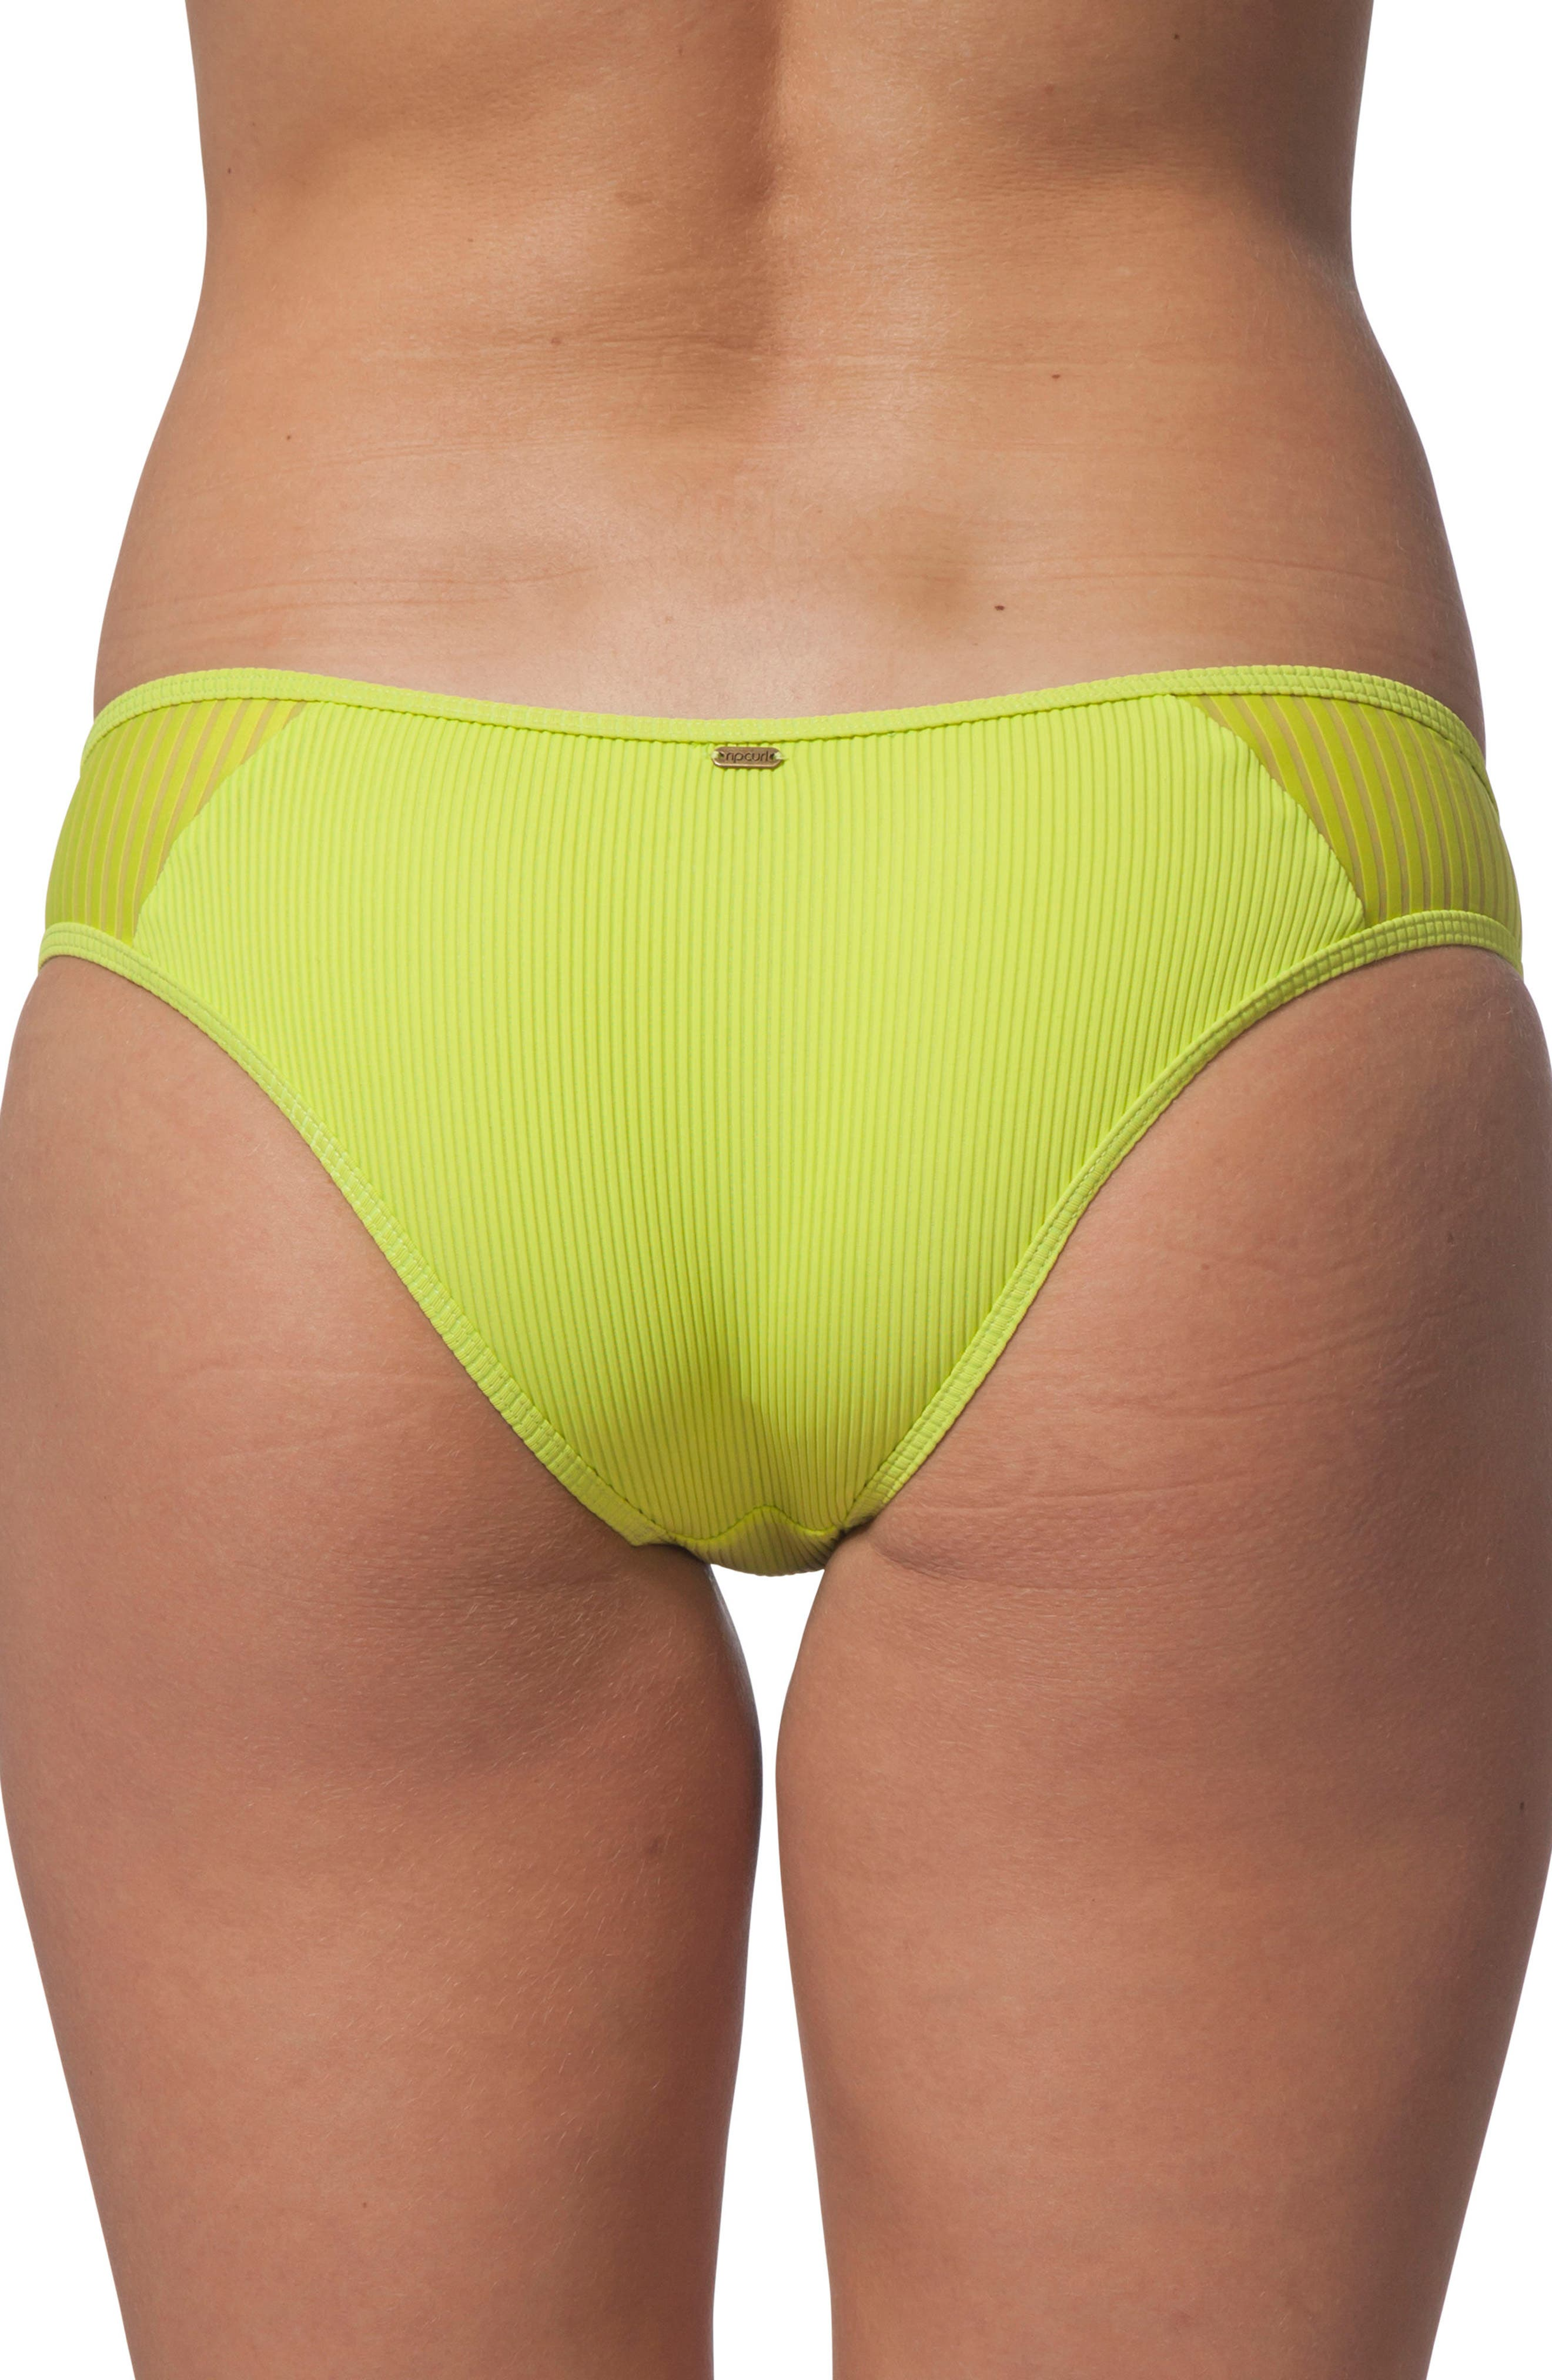 Designer Surf Hipster Bikini Bottoms,                             Alternate thumbnail 2, color,                             Neon Lime